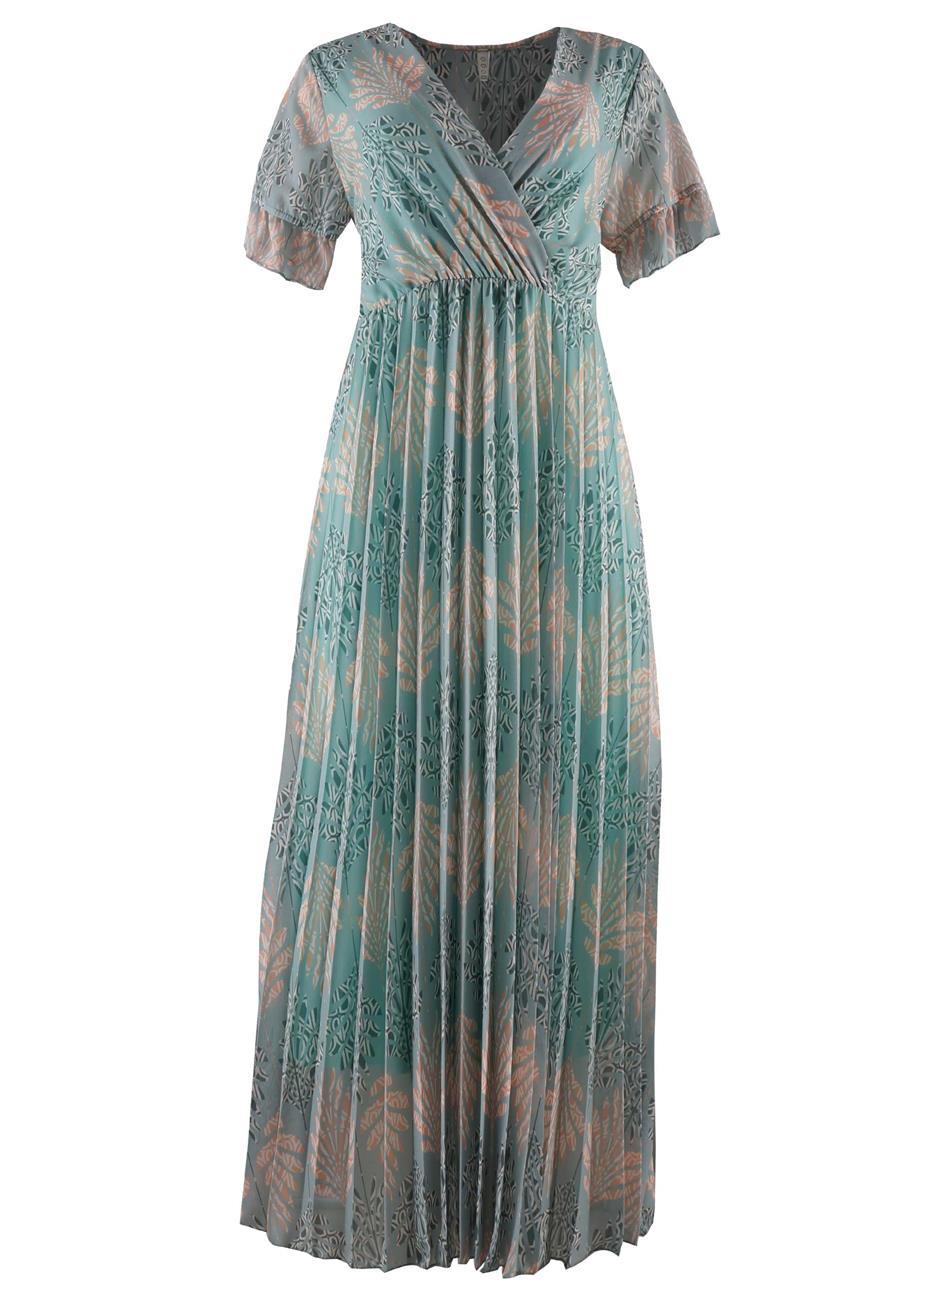 Φόρεμα all print floral. Timeless style. ΜΕΝΤΑ